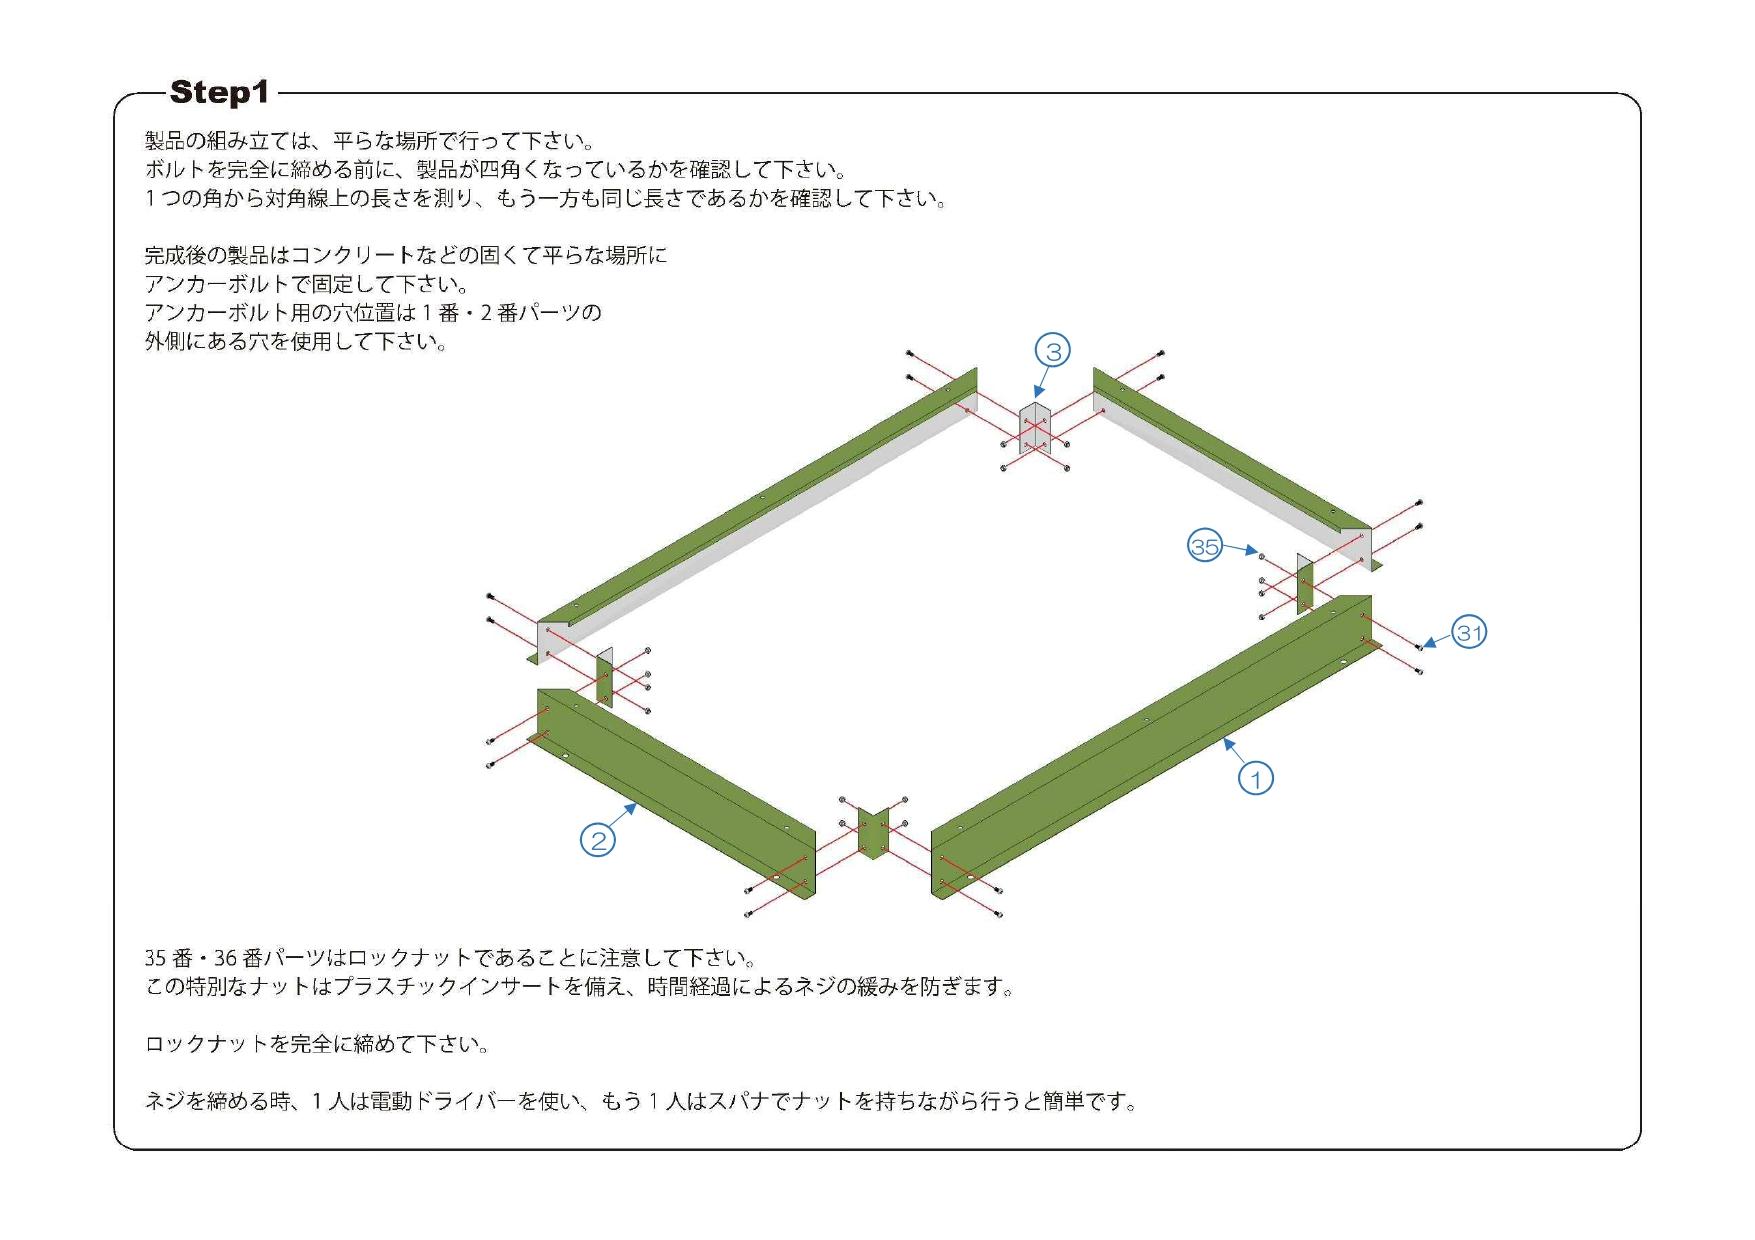 ミニストレージTM4 説明書_page-0003